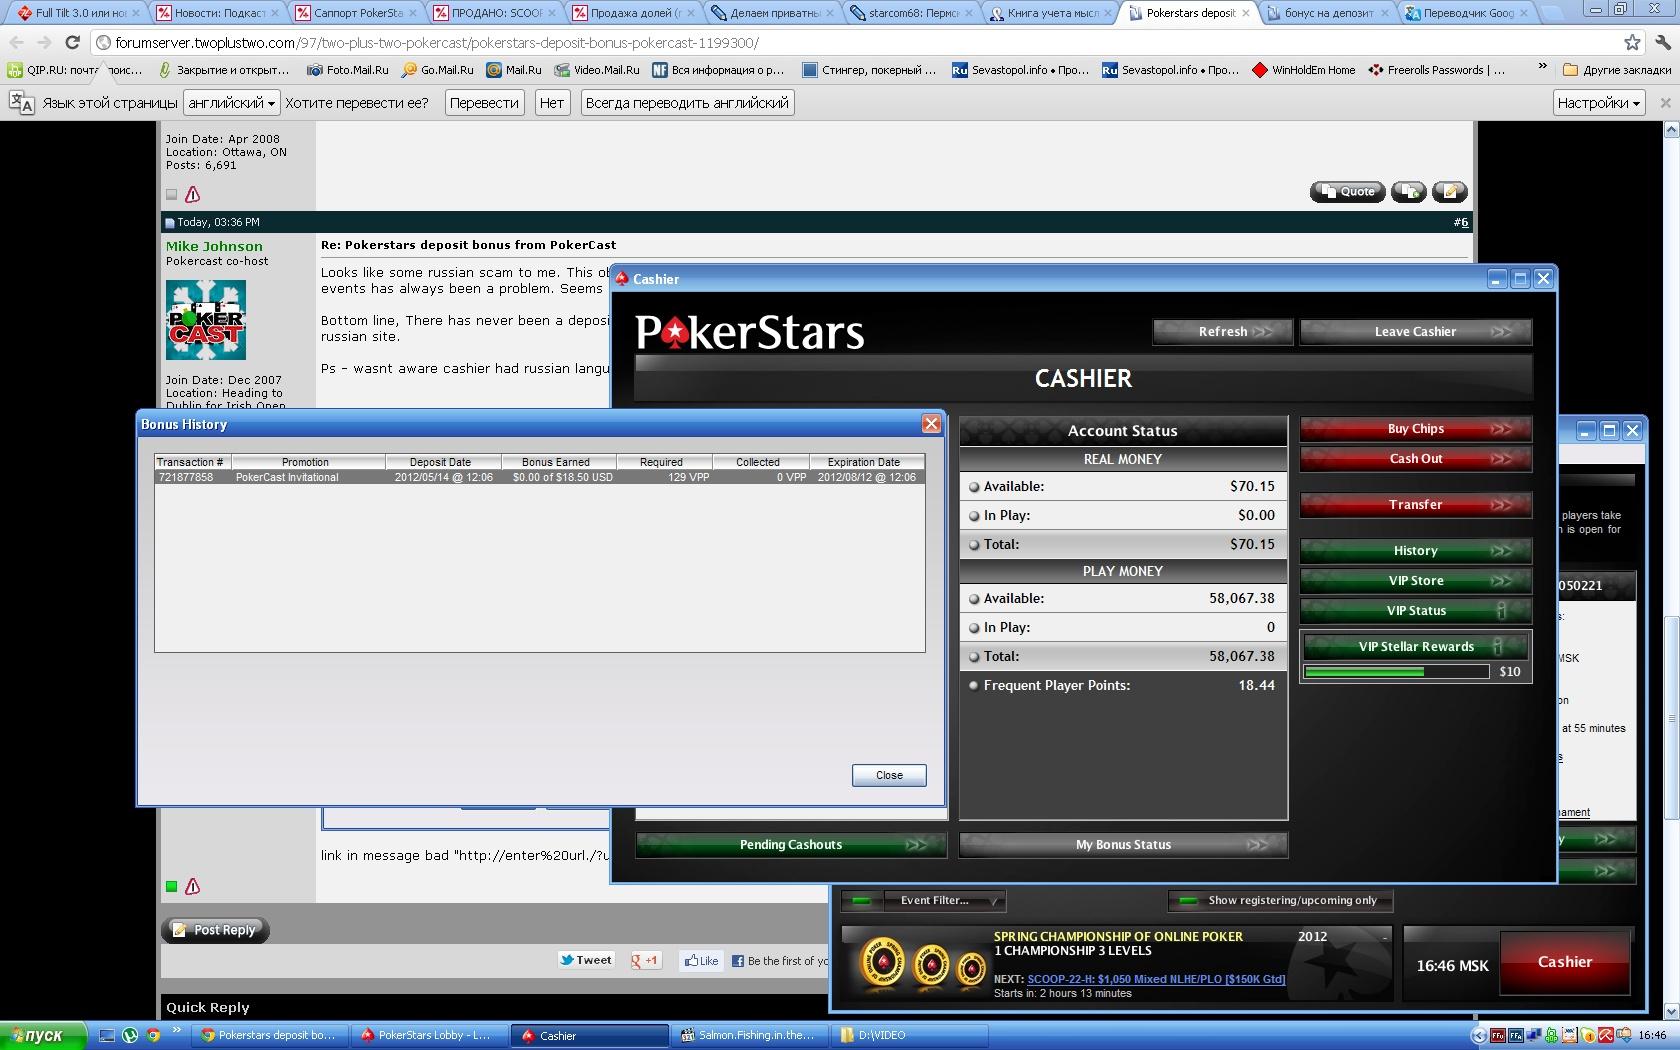 pokerstars cashier